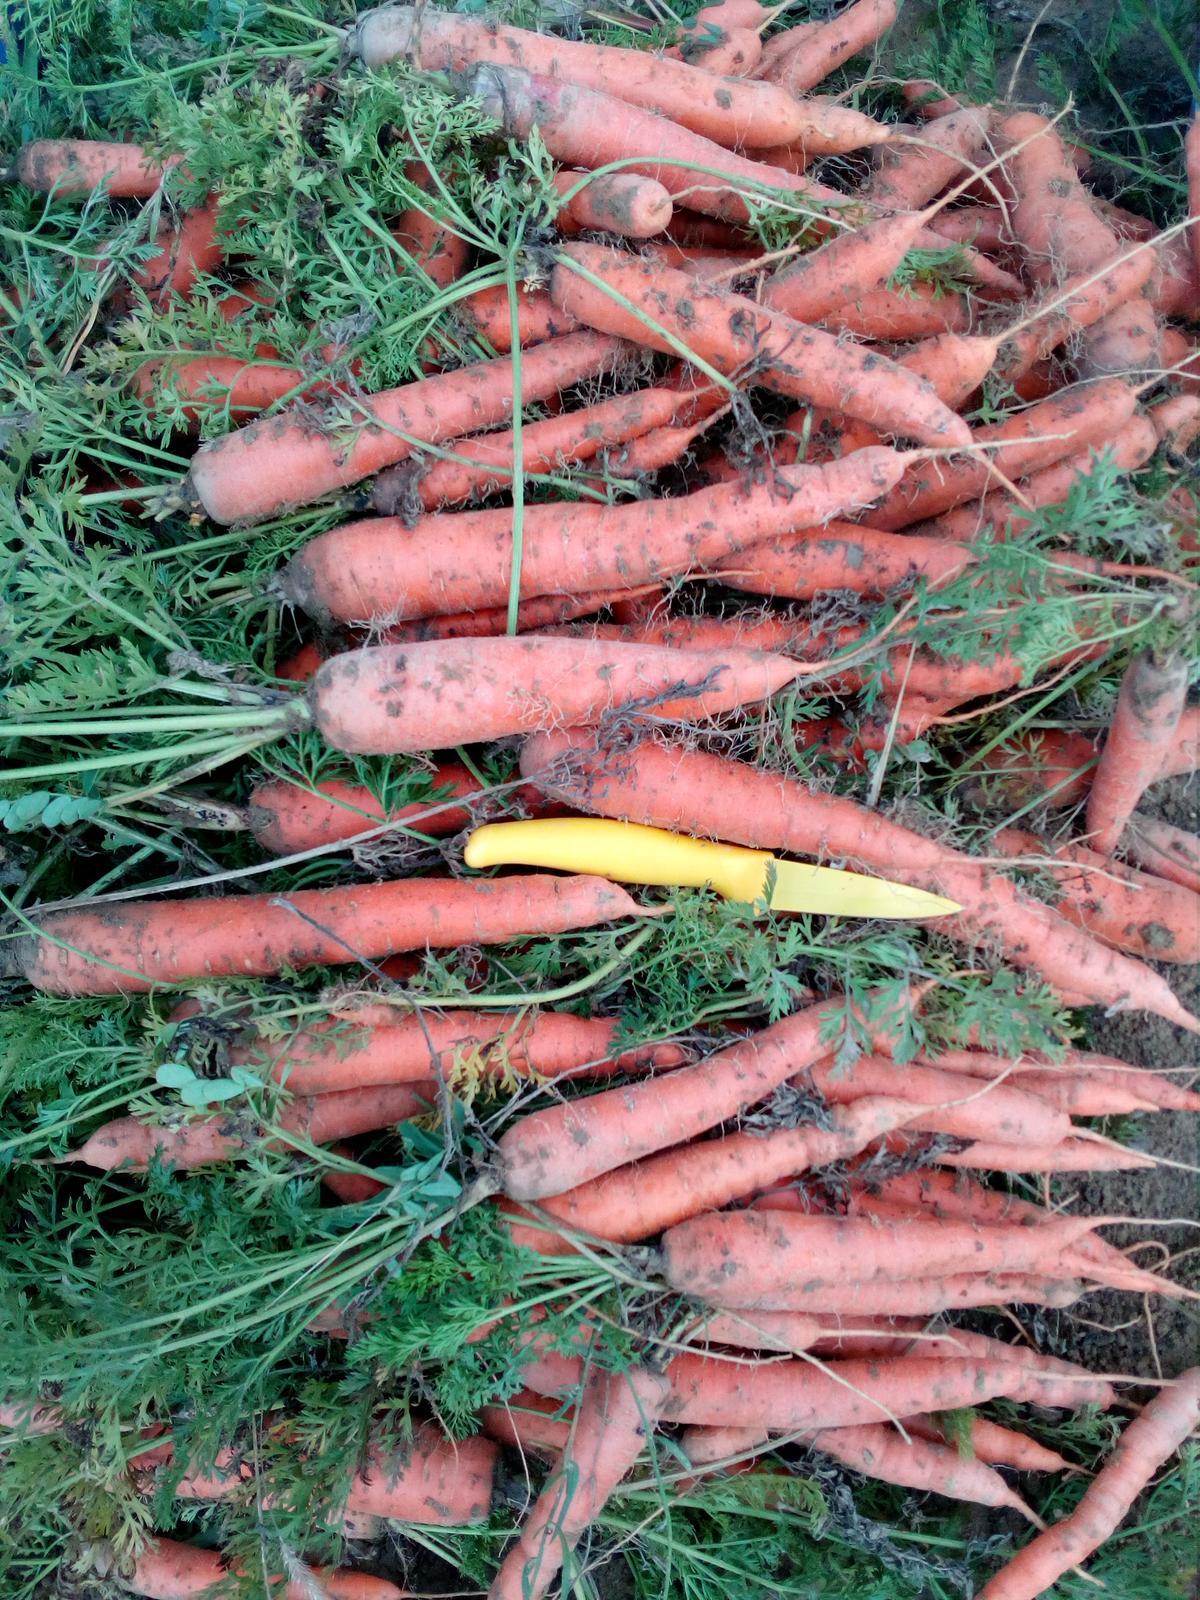 """Okolie domu, záhrada - Oplatilo sa sadiť mrkvu do """"hrobov"""", pekná dlhá každá jedna, teda okrem tej ktorú podryli hraboši"""